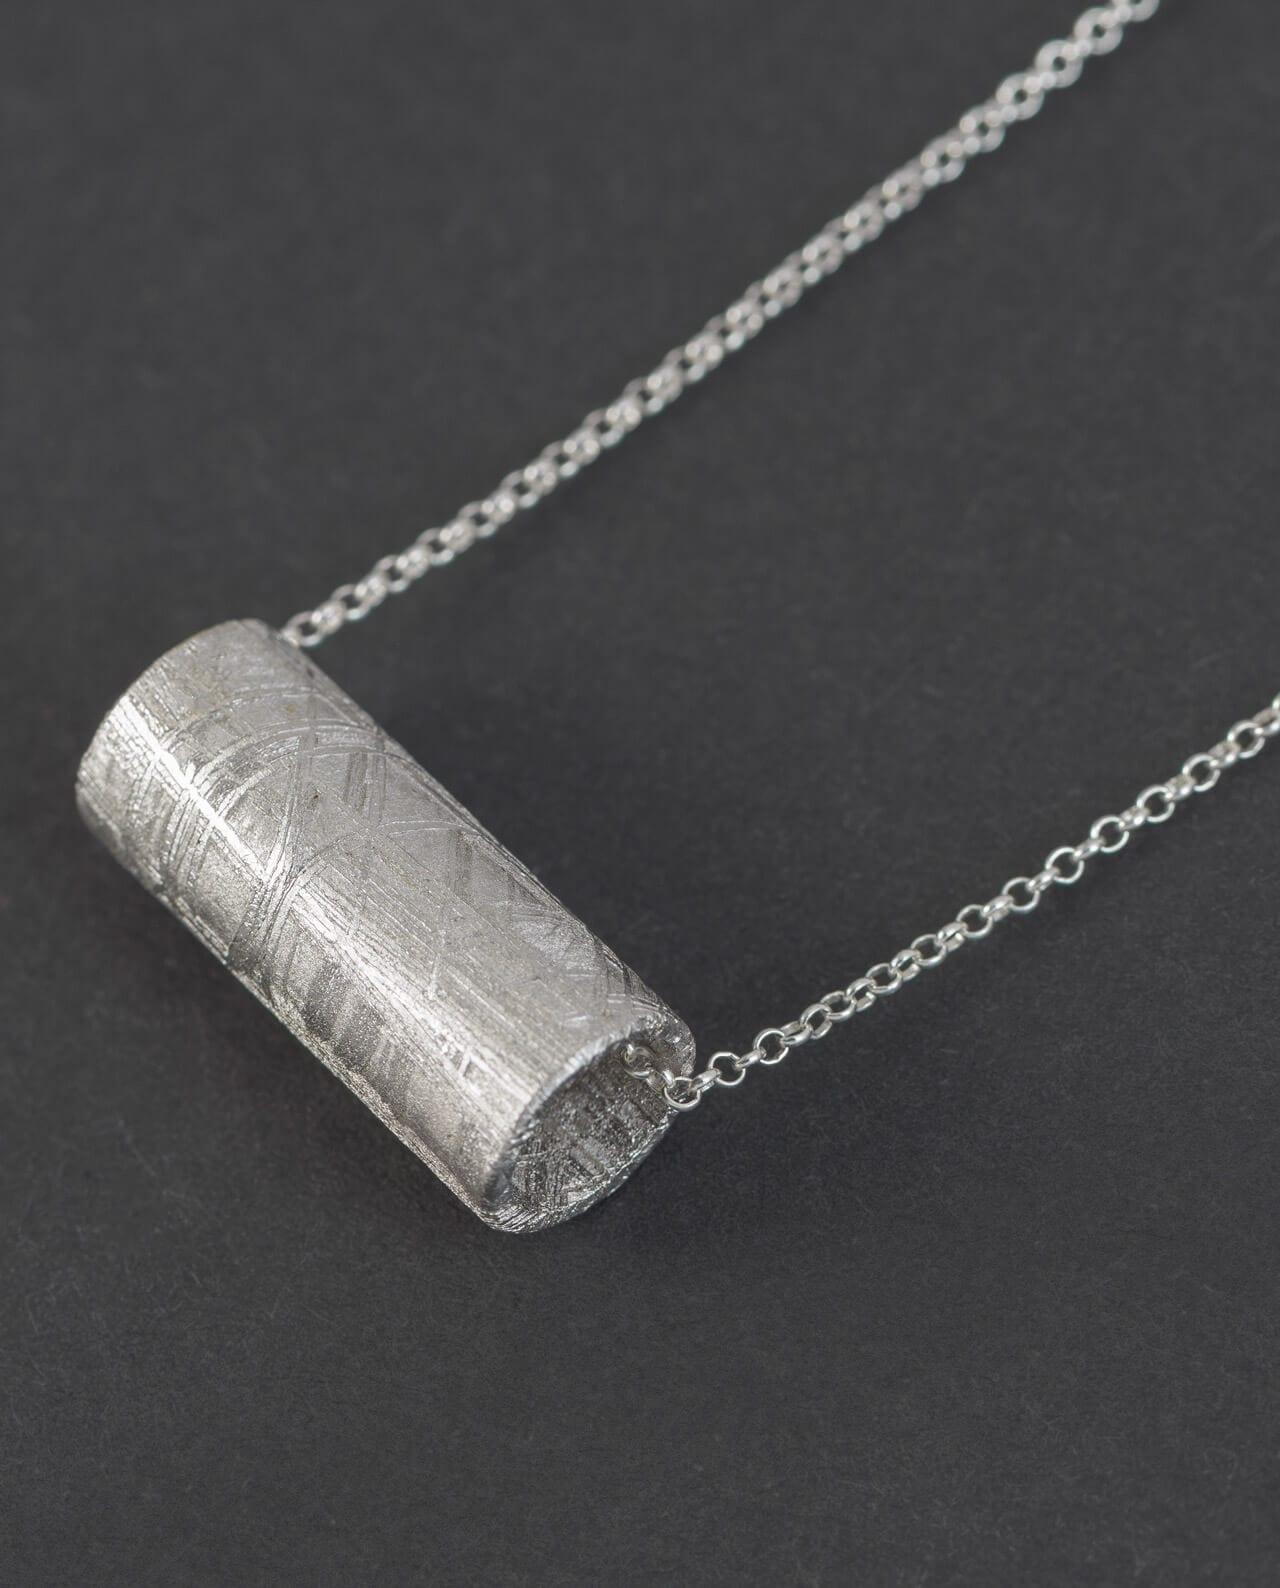 CONLIGHT Meteorit Muonionalusta Anheanger Tube